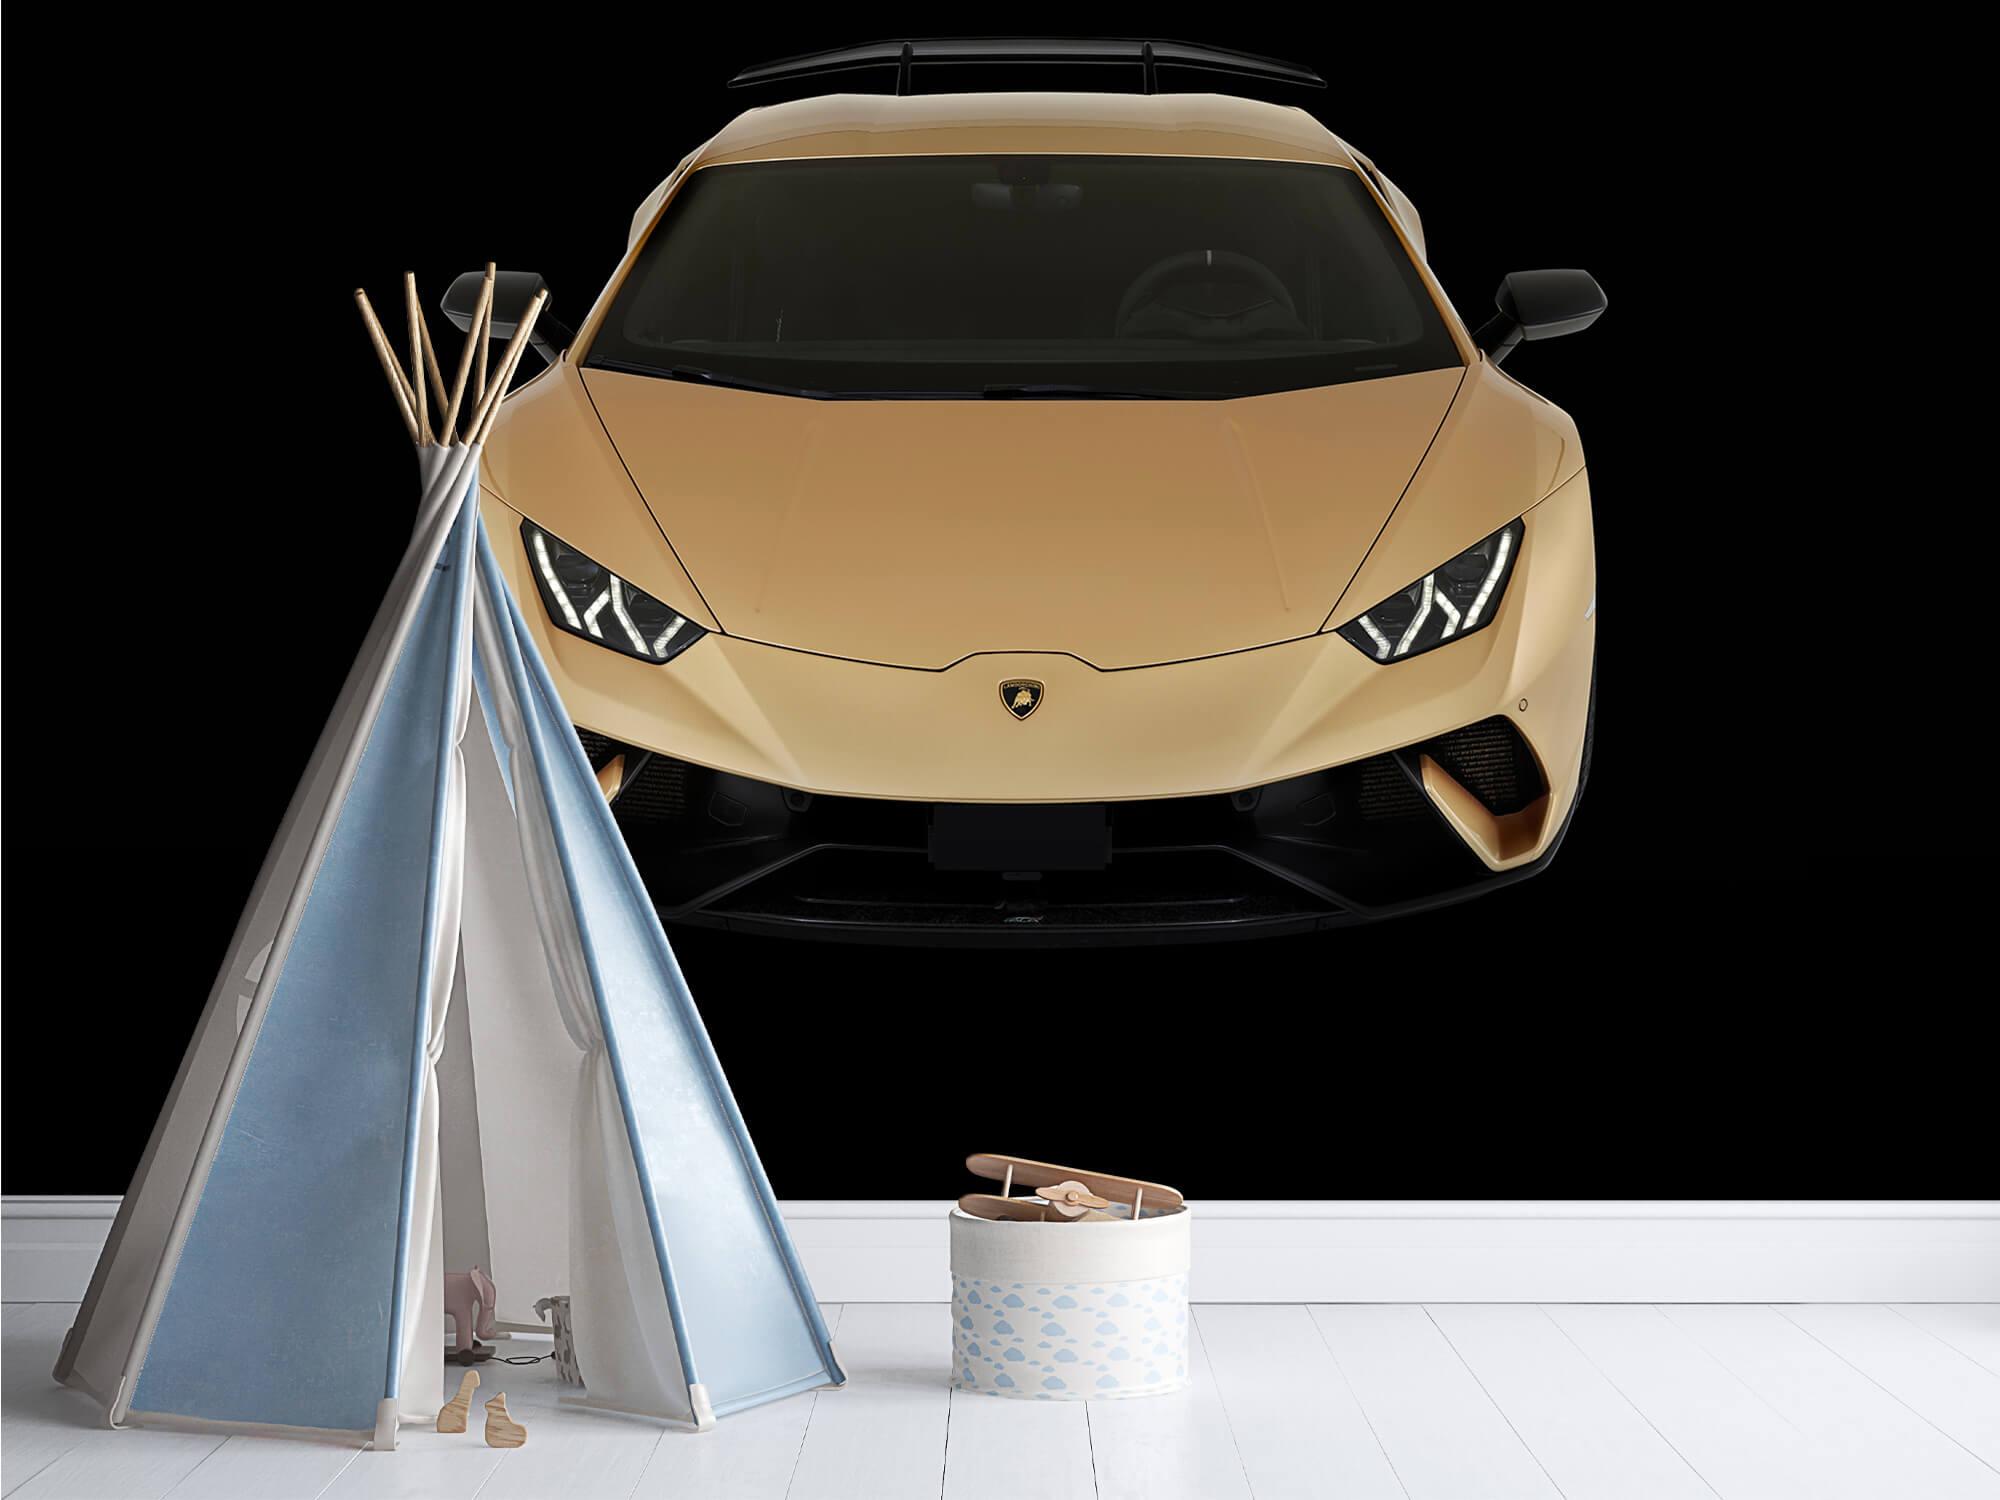 Wallpaper Lamborghini Huracán - Voorkant vanaf boven, zwart 1